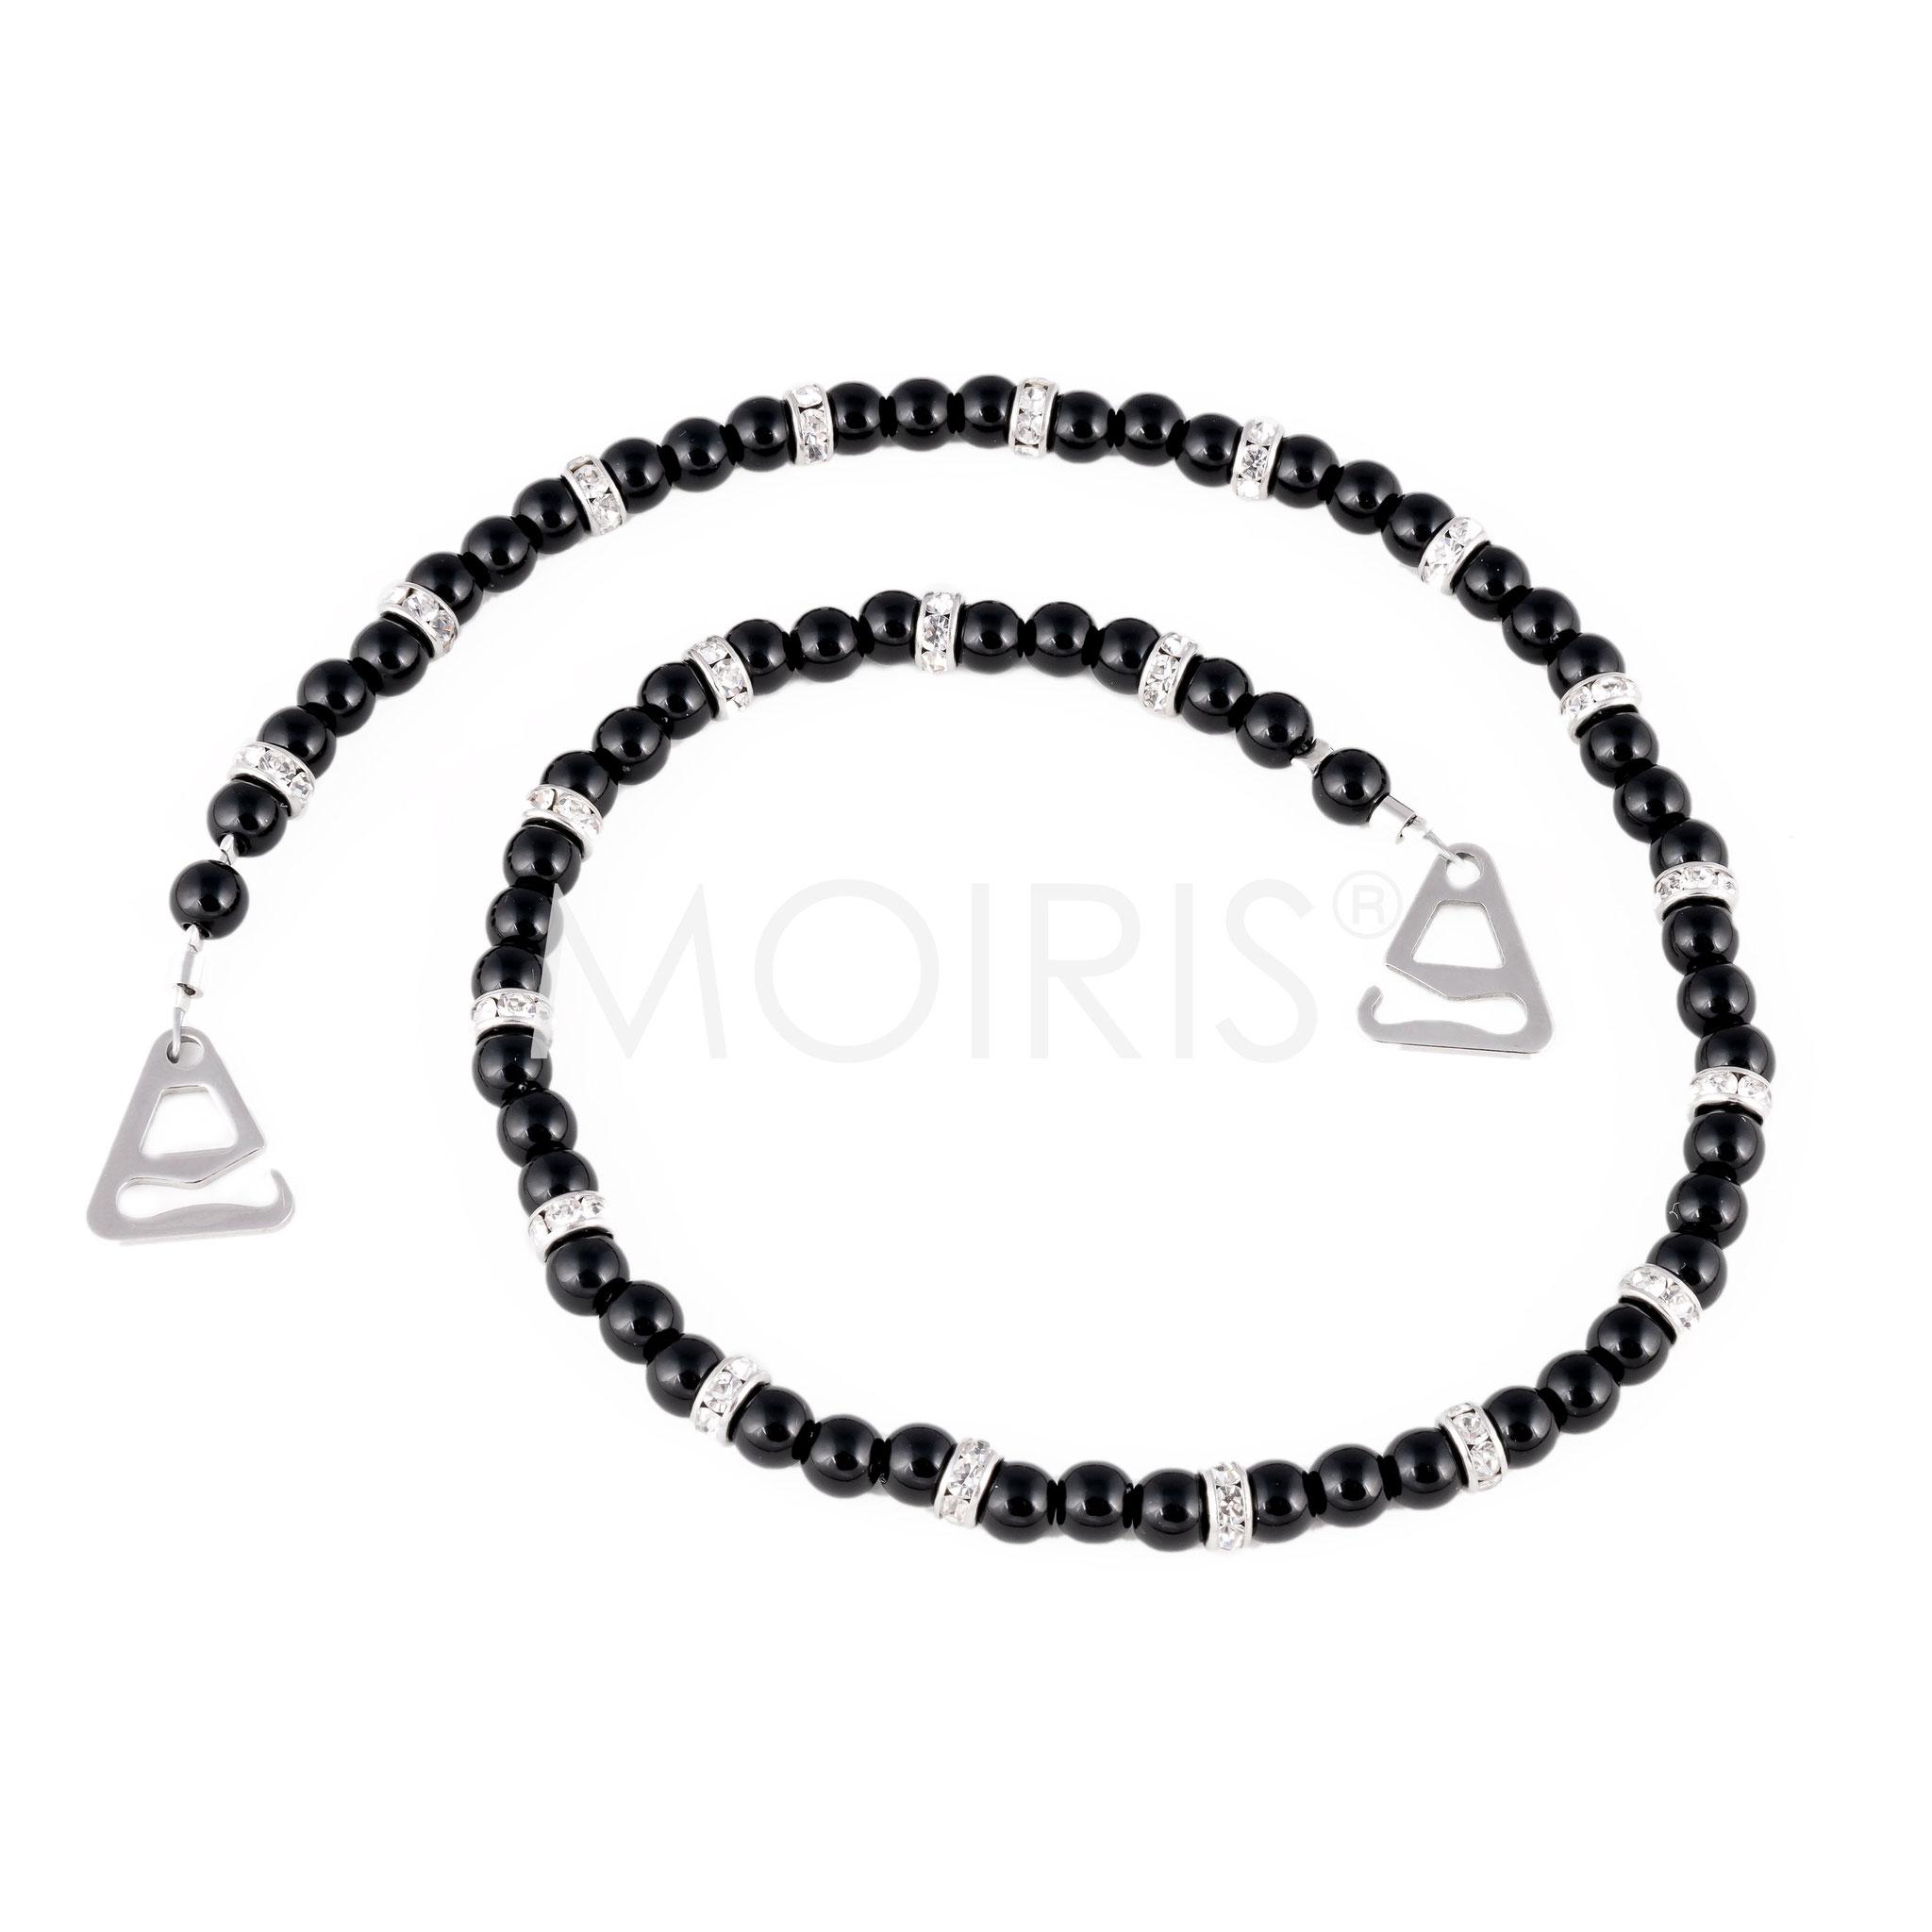 BH-Schmuckträger Miranda - schwarze Perlen mit Strass